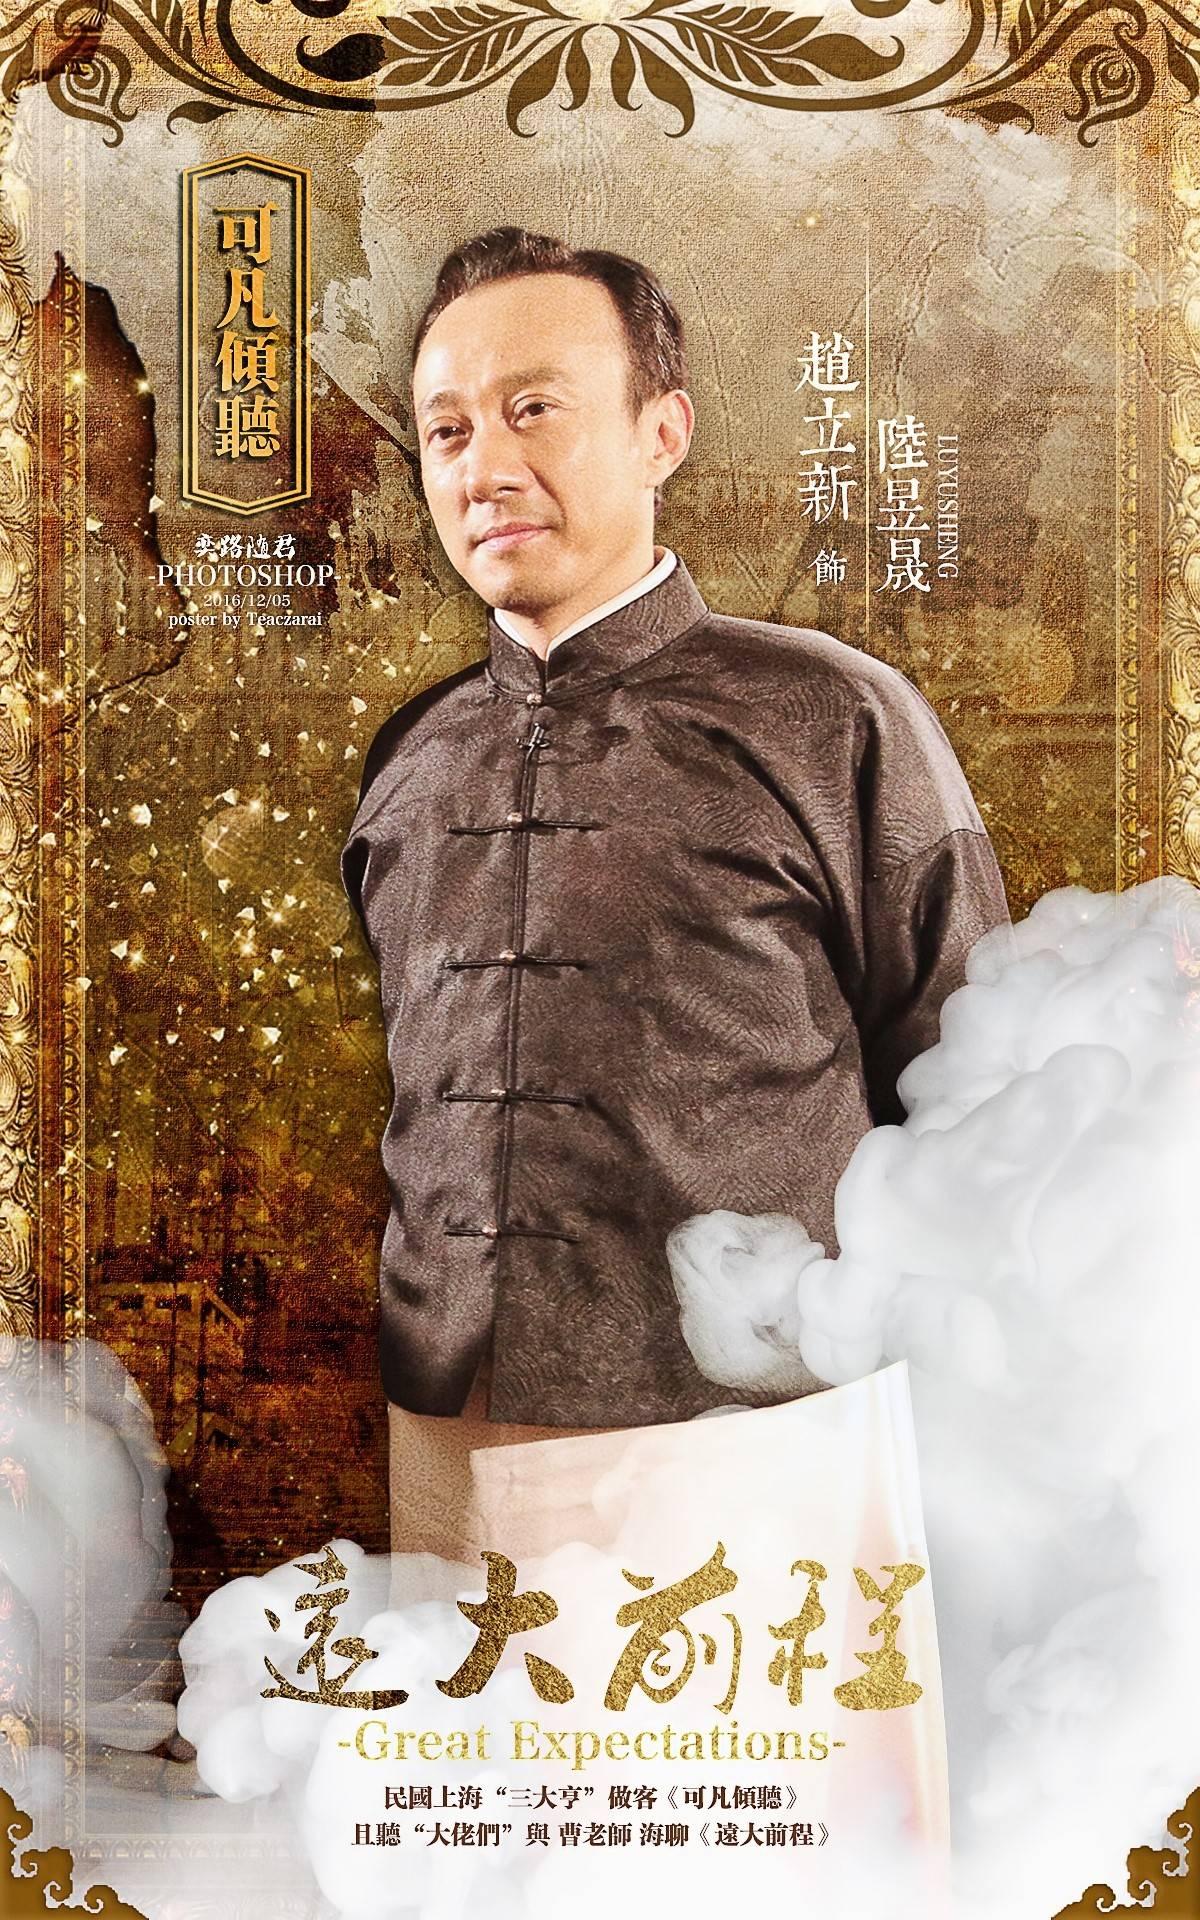 《远大前程》赵立新版海报.jpg